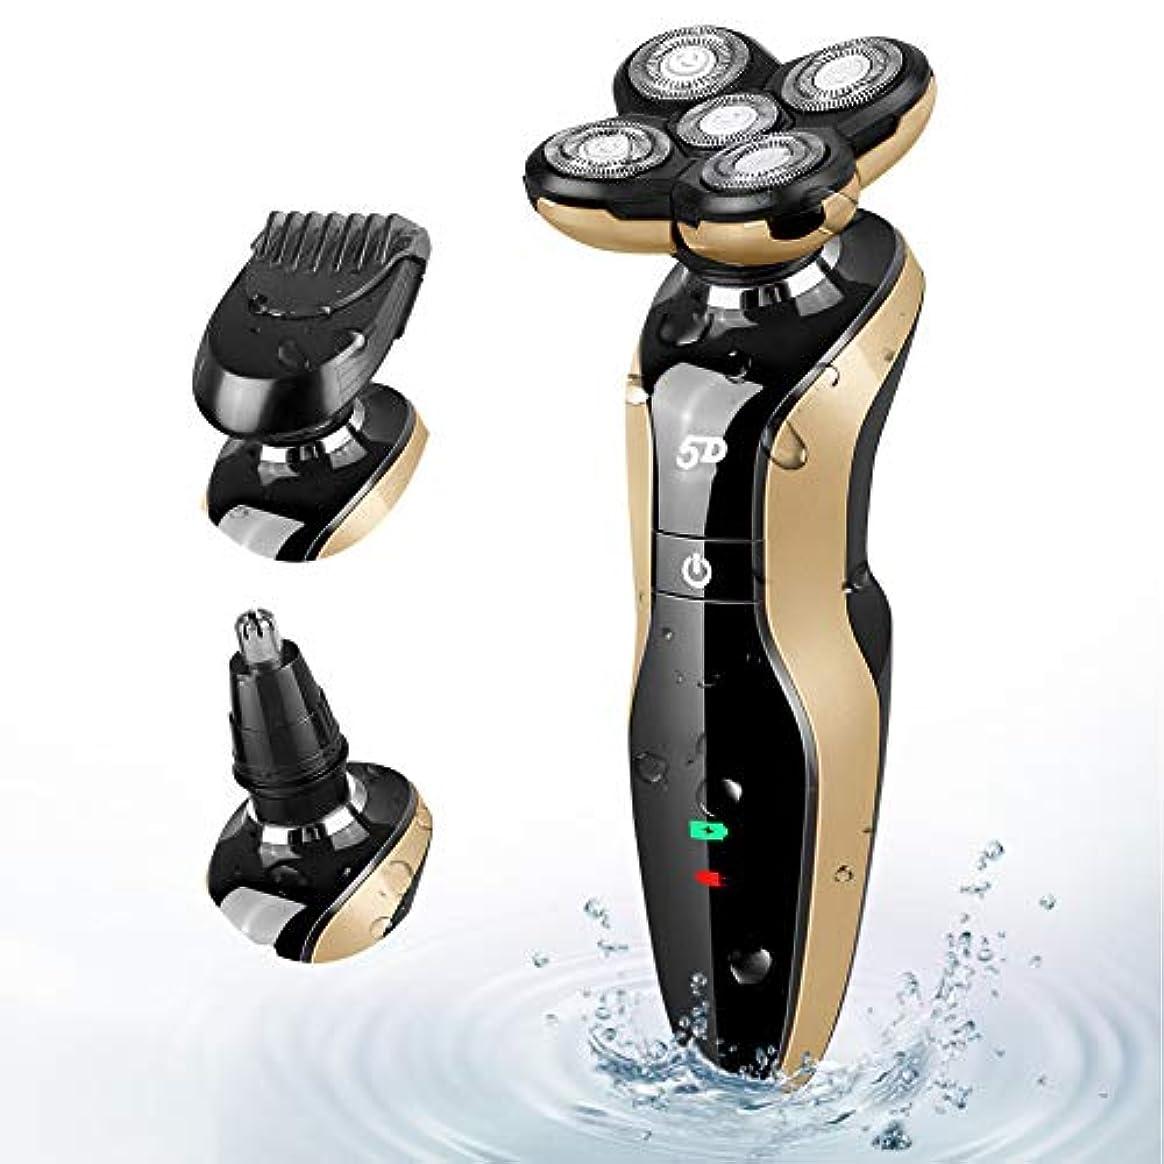 強いイル遠近法電気シェーバー - 5Dカッターヘッド強力な電気シェーバー USB 本体洗えるフローティングシェービングスマートカミソリ